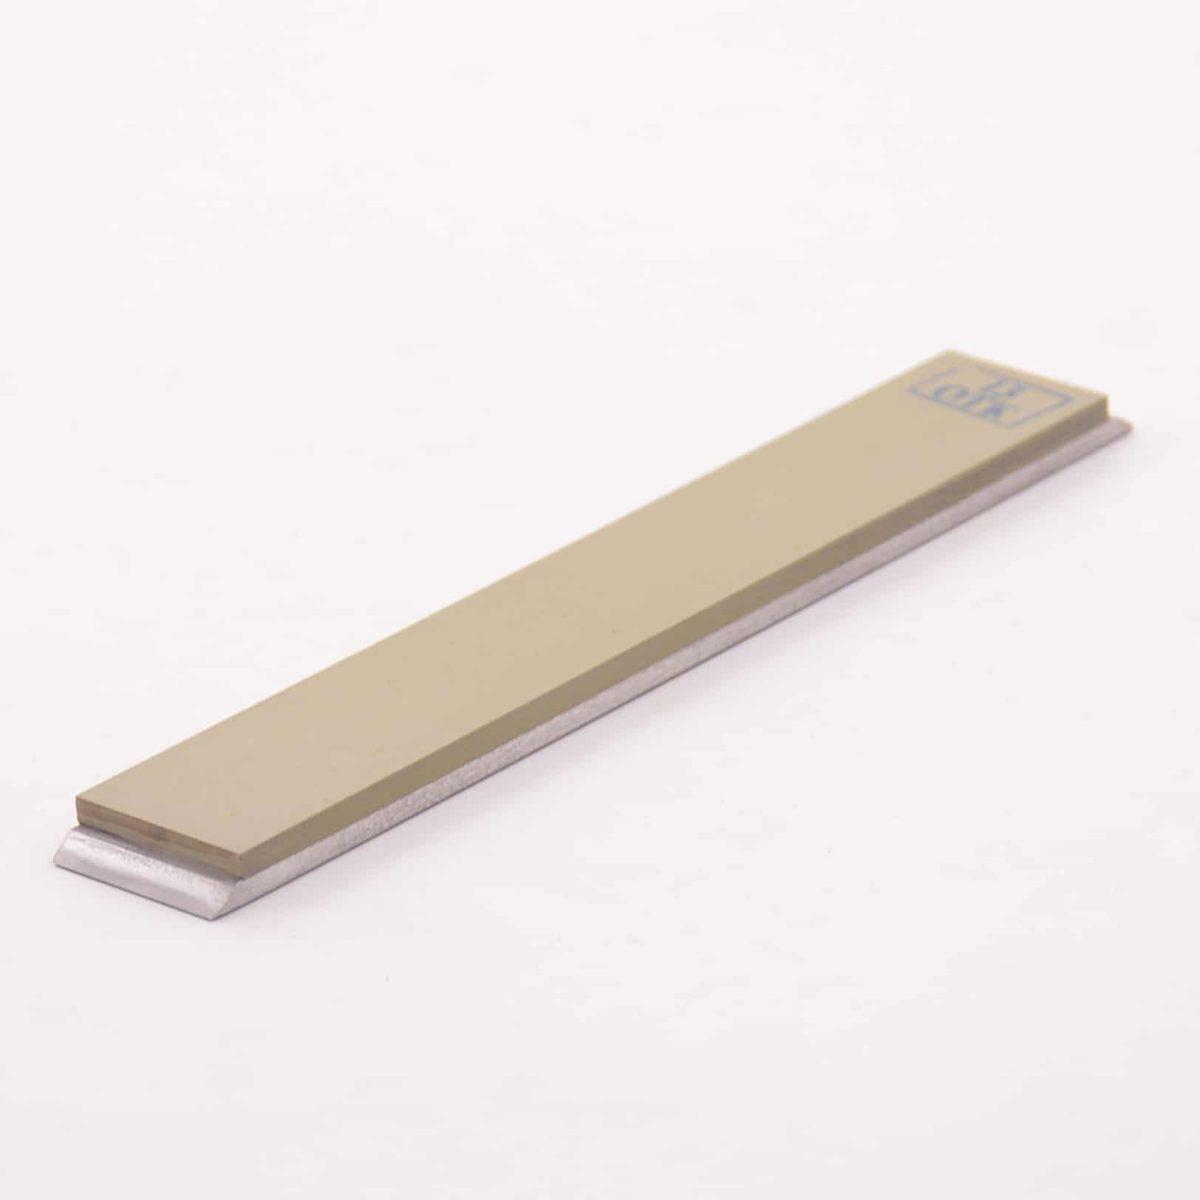 Алмазный брусок VID 3/2 OSB С100%, 25мм 2